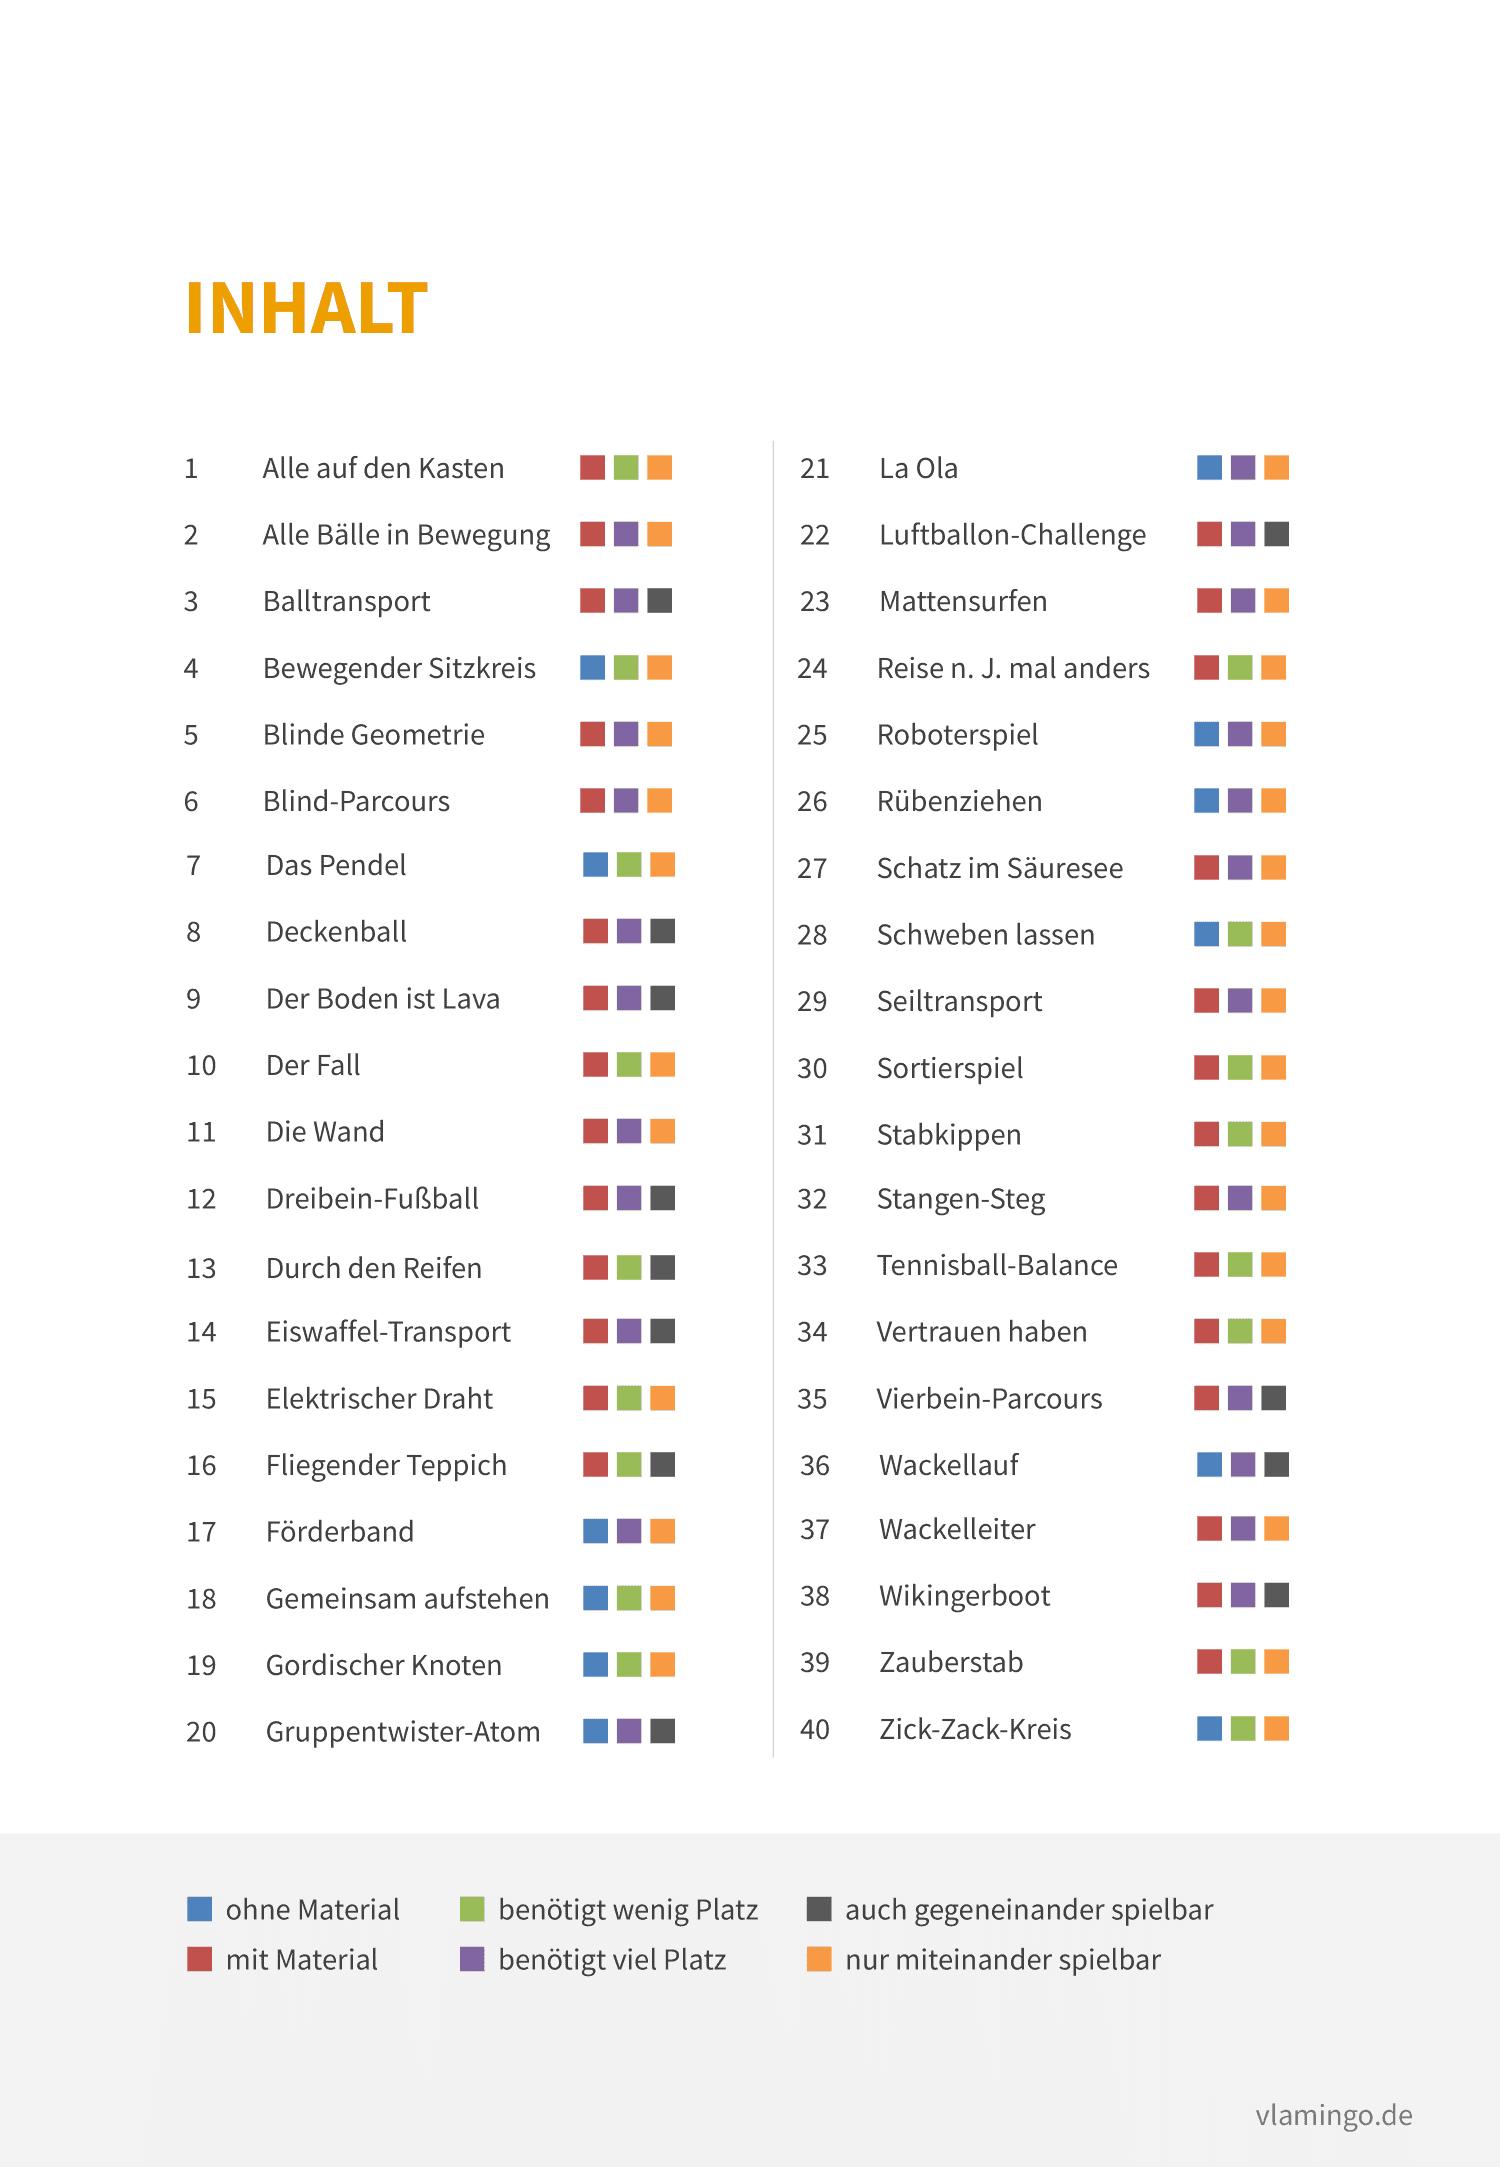 Kooperative Gruppenspiele - Inhaltsverzeichnis mit Farbleitsystem